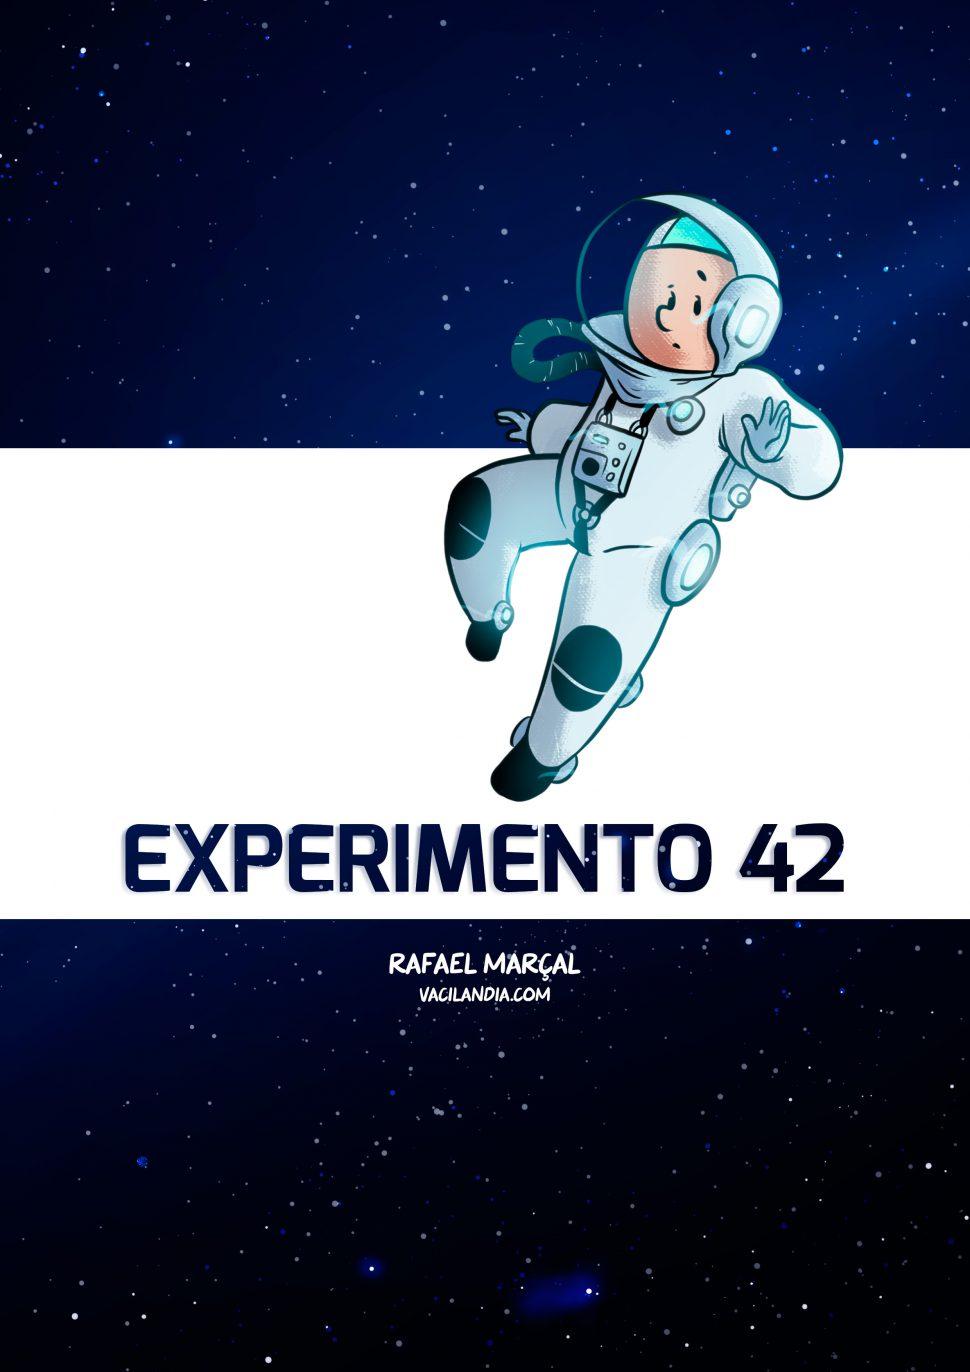 Experimento 42 | vacilândia, som, silêncio, se propaga no espaço, sci-fi, Rafael Marçal, quadrinhos, pensamento, One Comic a Week, ondas mecânicas, ondas eletromagnéticas, o traje é hermético e o astronauta provavelmente teria que cheirar e ouvir todo o pum, o som, narrativa em quadrinhos, monólogo, moléculas, microondas, luz, licença poética científica, humor, espaço